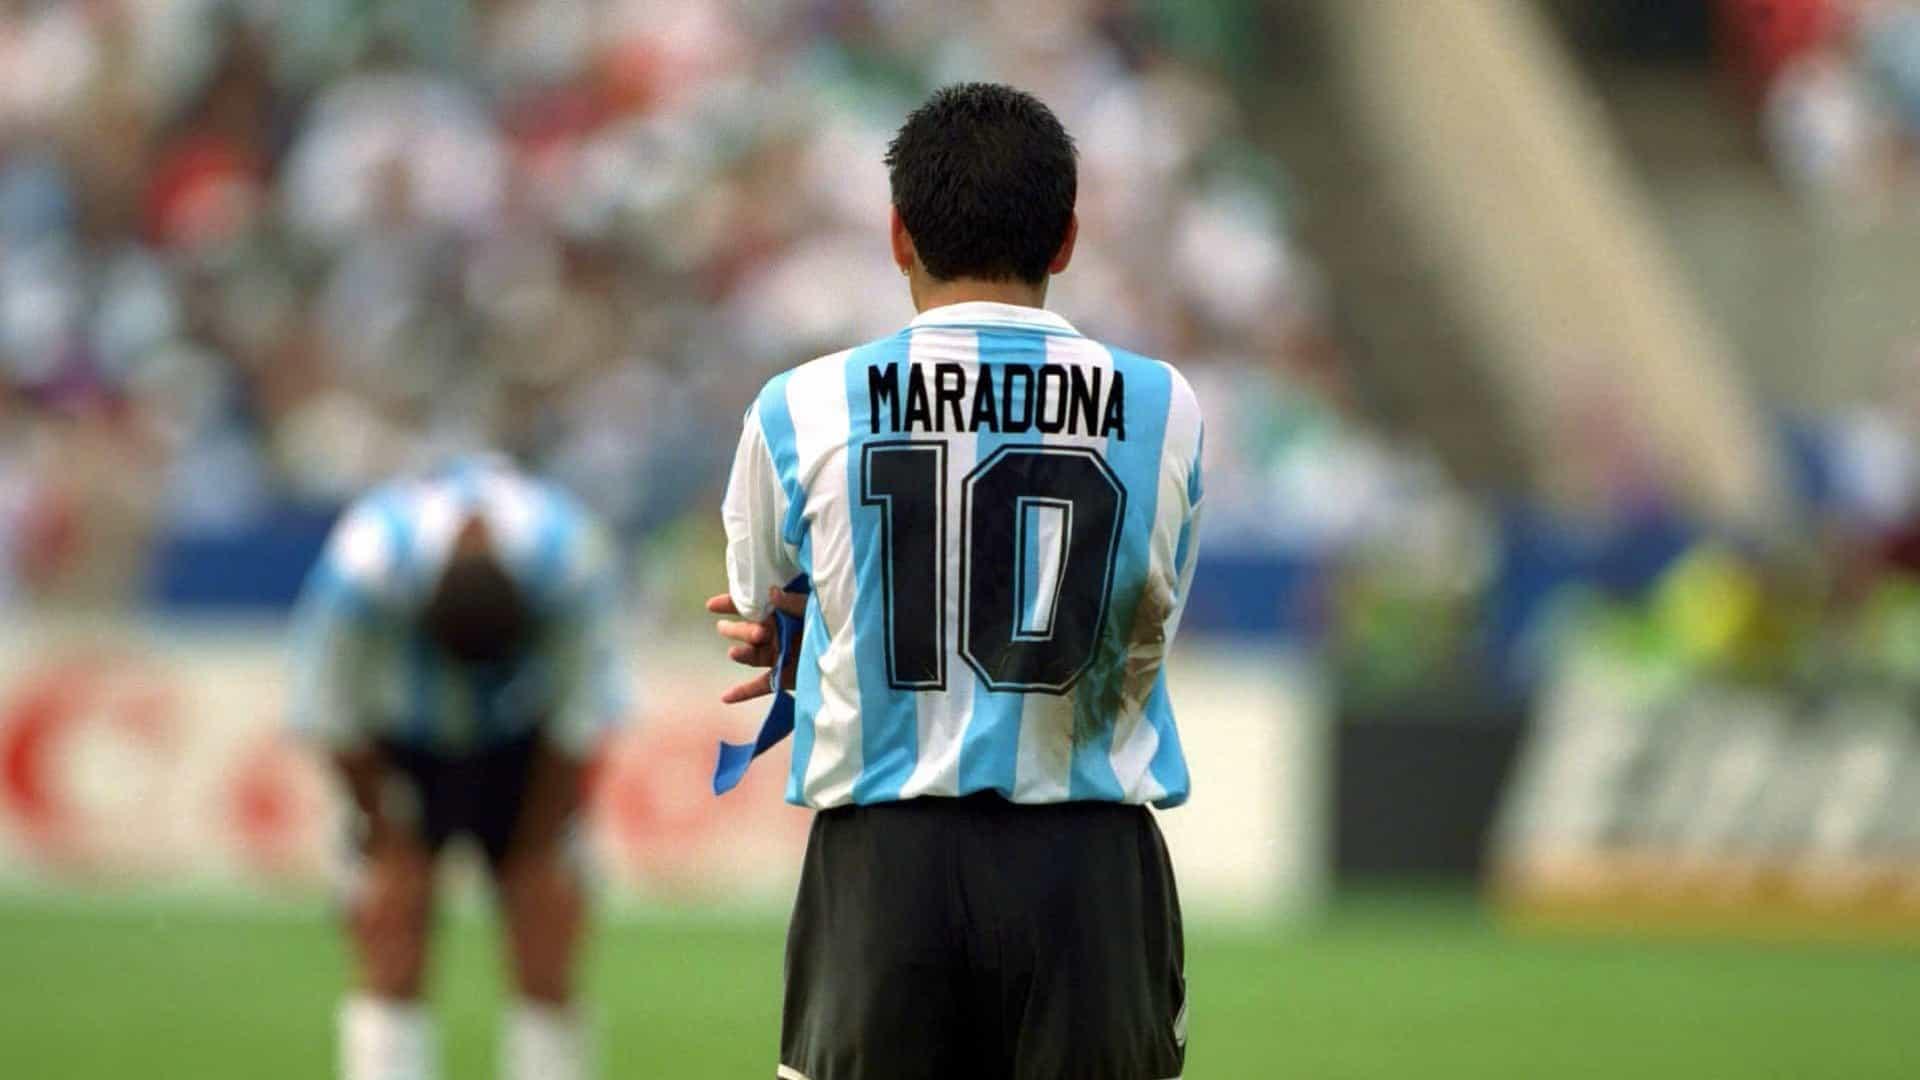 """Maradona en el Boletín Oficial: """"Nos hizo inmensamente felices a los argentinos y a las argentinas"""""""